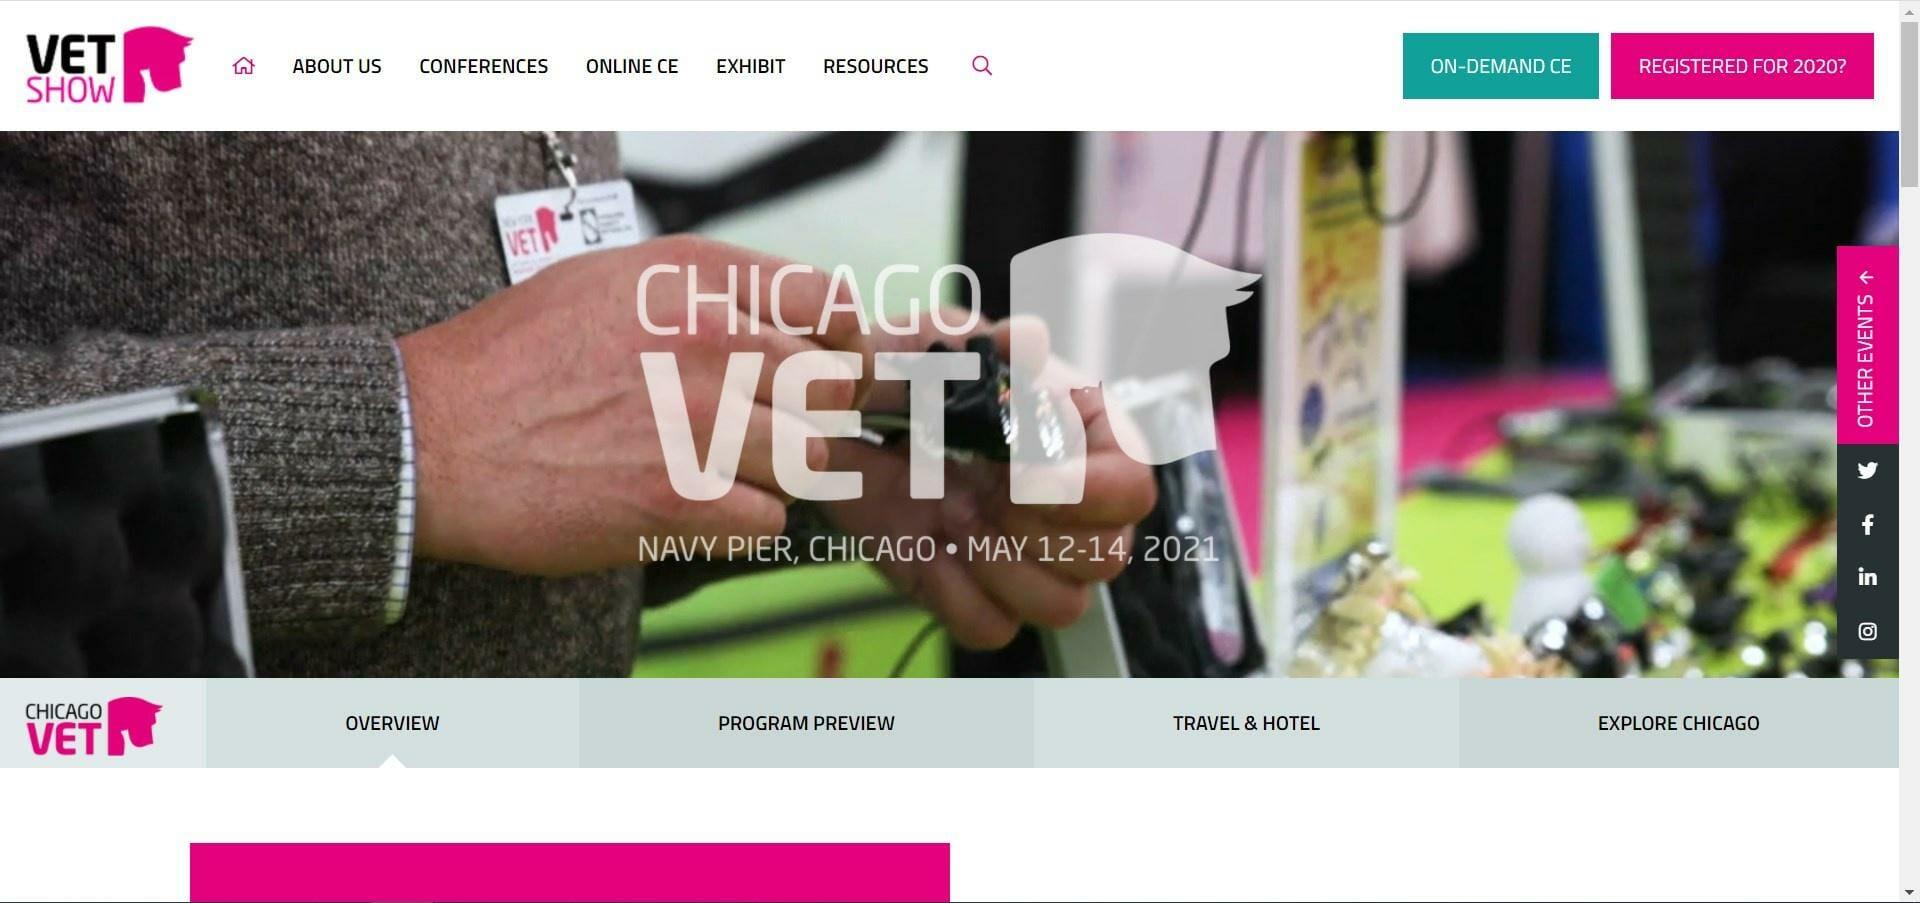 Chicago Vet Show